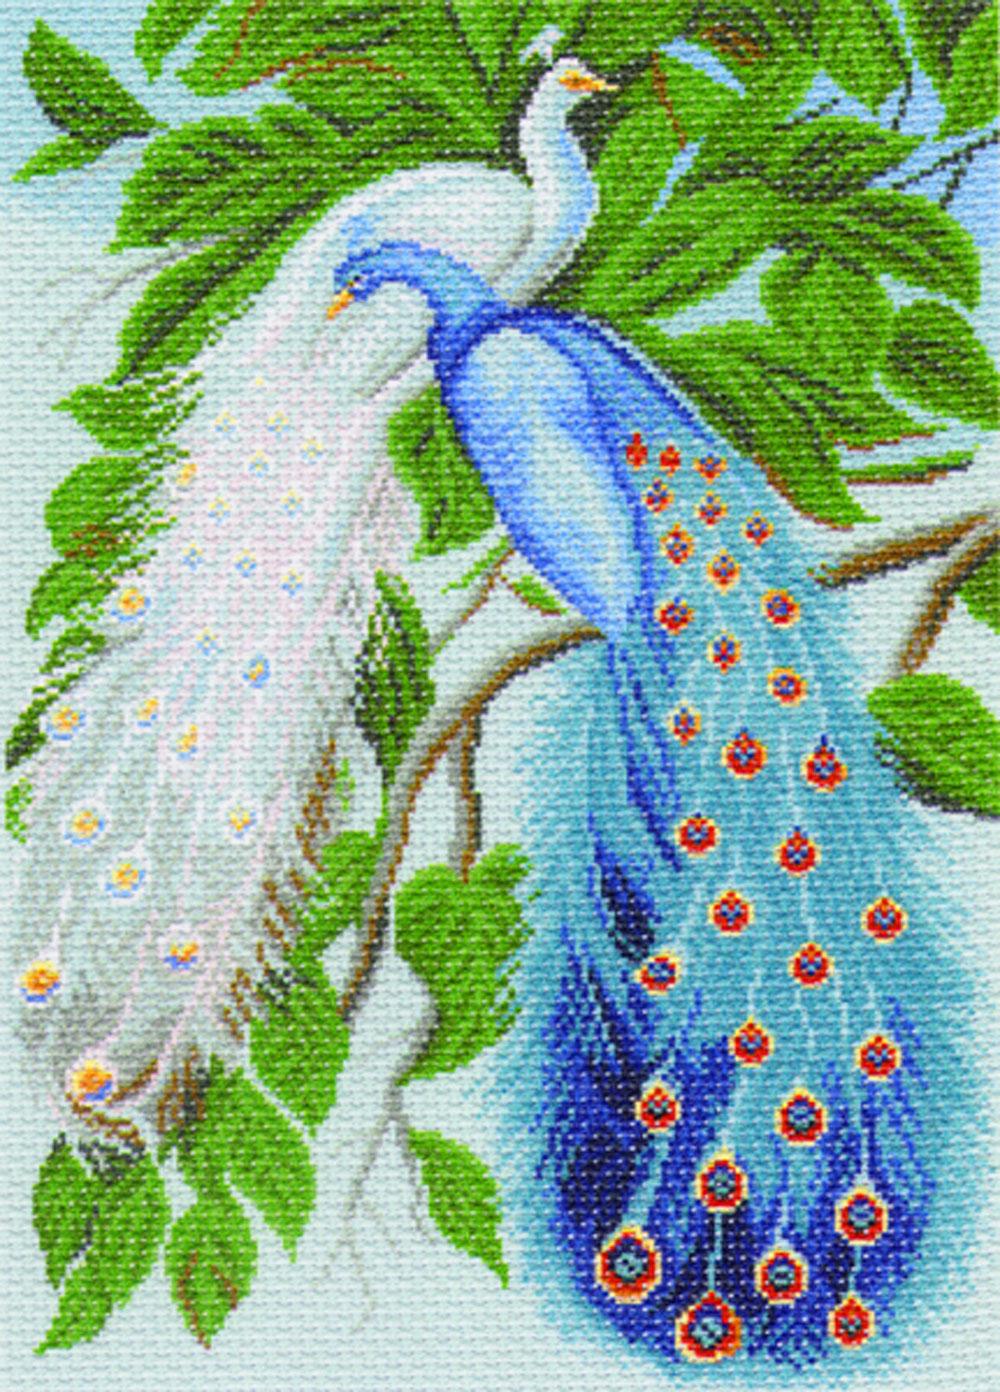 Канва с рисунком для вышивания Павлины, 39 х 27,5 см549902Канва с рисунком Павлины изготовлена из хлопка, которая поможет вам создать свой личный шедевр - красивую вышитую картину. Вышивка выполняется в технике полный крестик в 2-3 нити или полукрестом в 4 нити. На полях рисунка указаны цветовая палитра и предполагаемый метраж ниток для вышивки. Вышивание отвлечет вас от повседневных забот и превратится в увлекательное занятие! Работа, сделанная своими руками, создаст особый уют и атмосферу в доме и долгие годы будет радовать вас и ваших близких. Рекомендуемое количество цветов: 25. Размер готового рисунка: 39 см х 27,5 см. Нитки в комплект не входят.